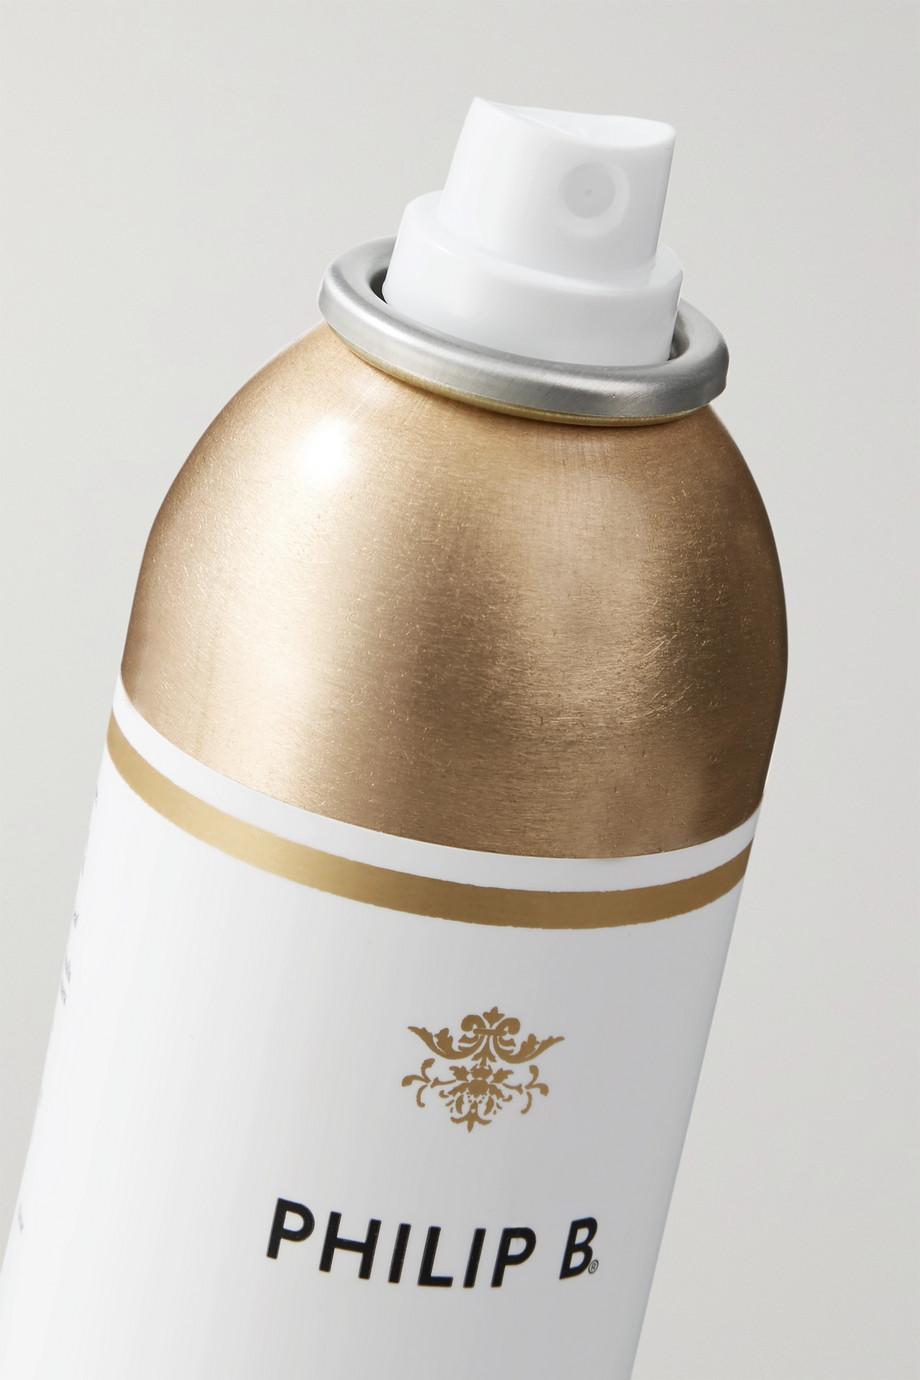 Philip B Everyday Beautiful Dry Shampoo, 260ml